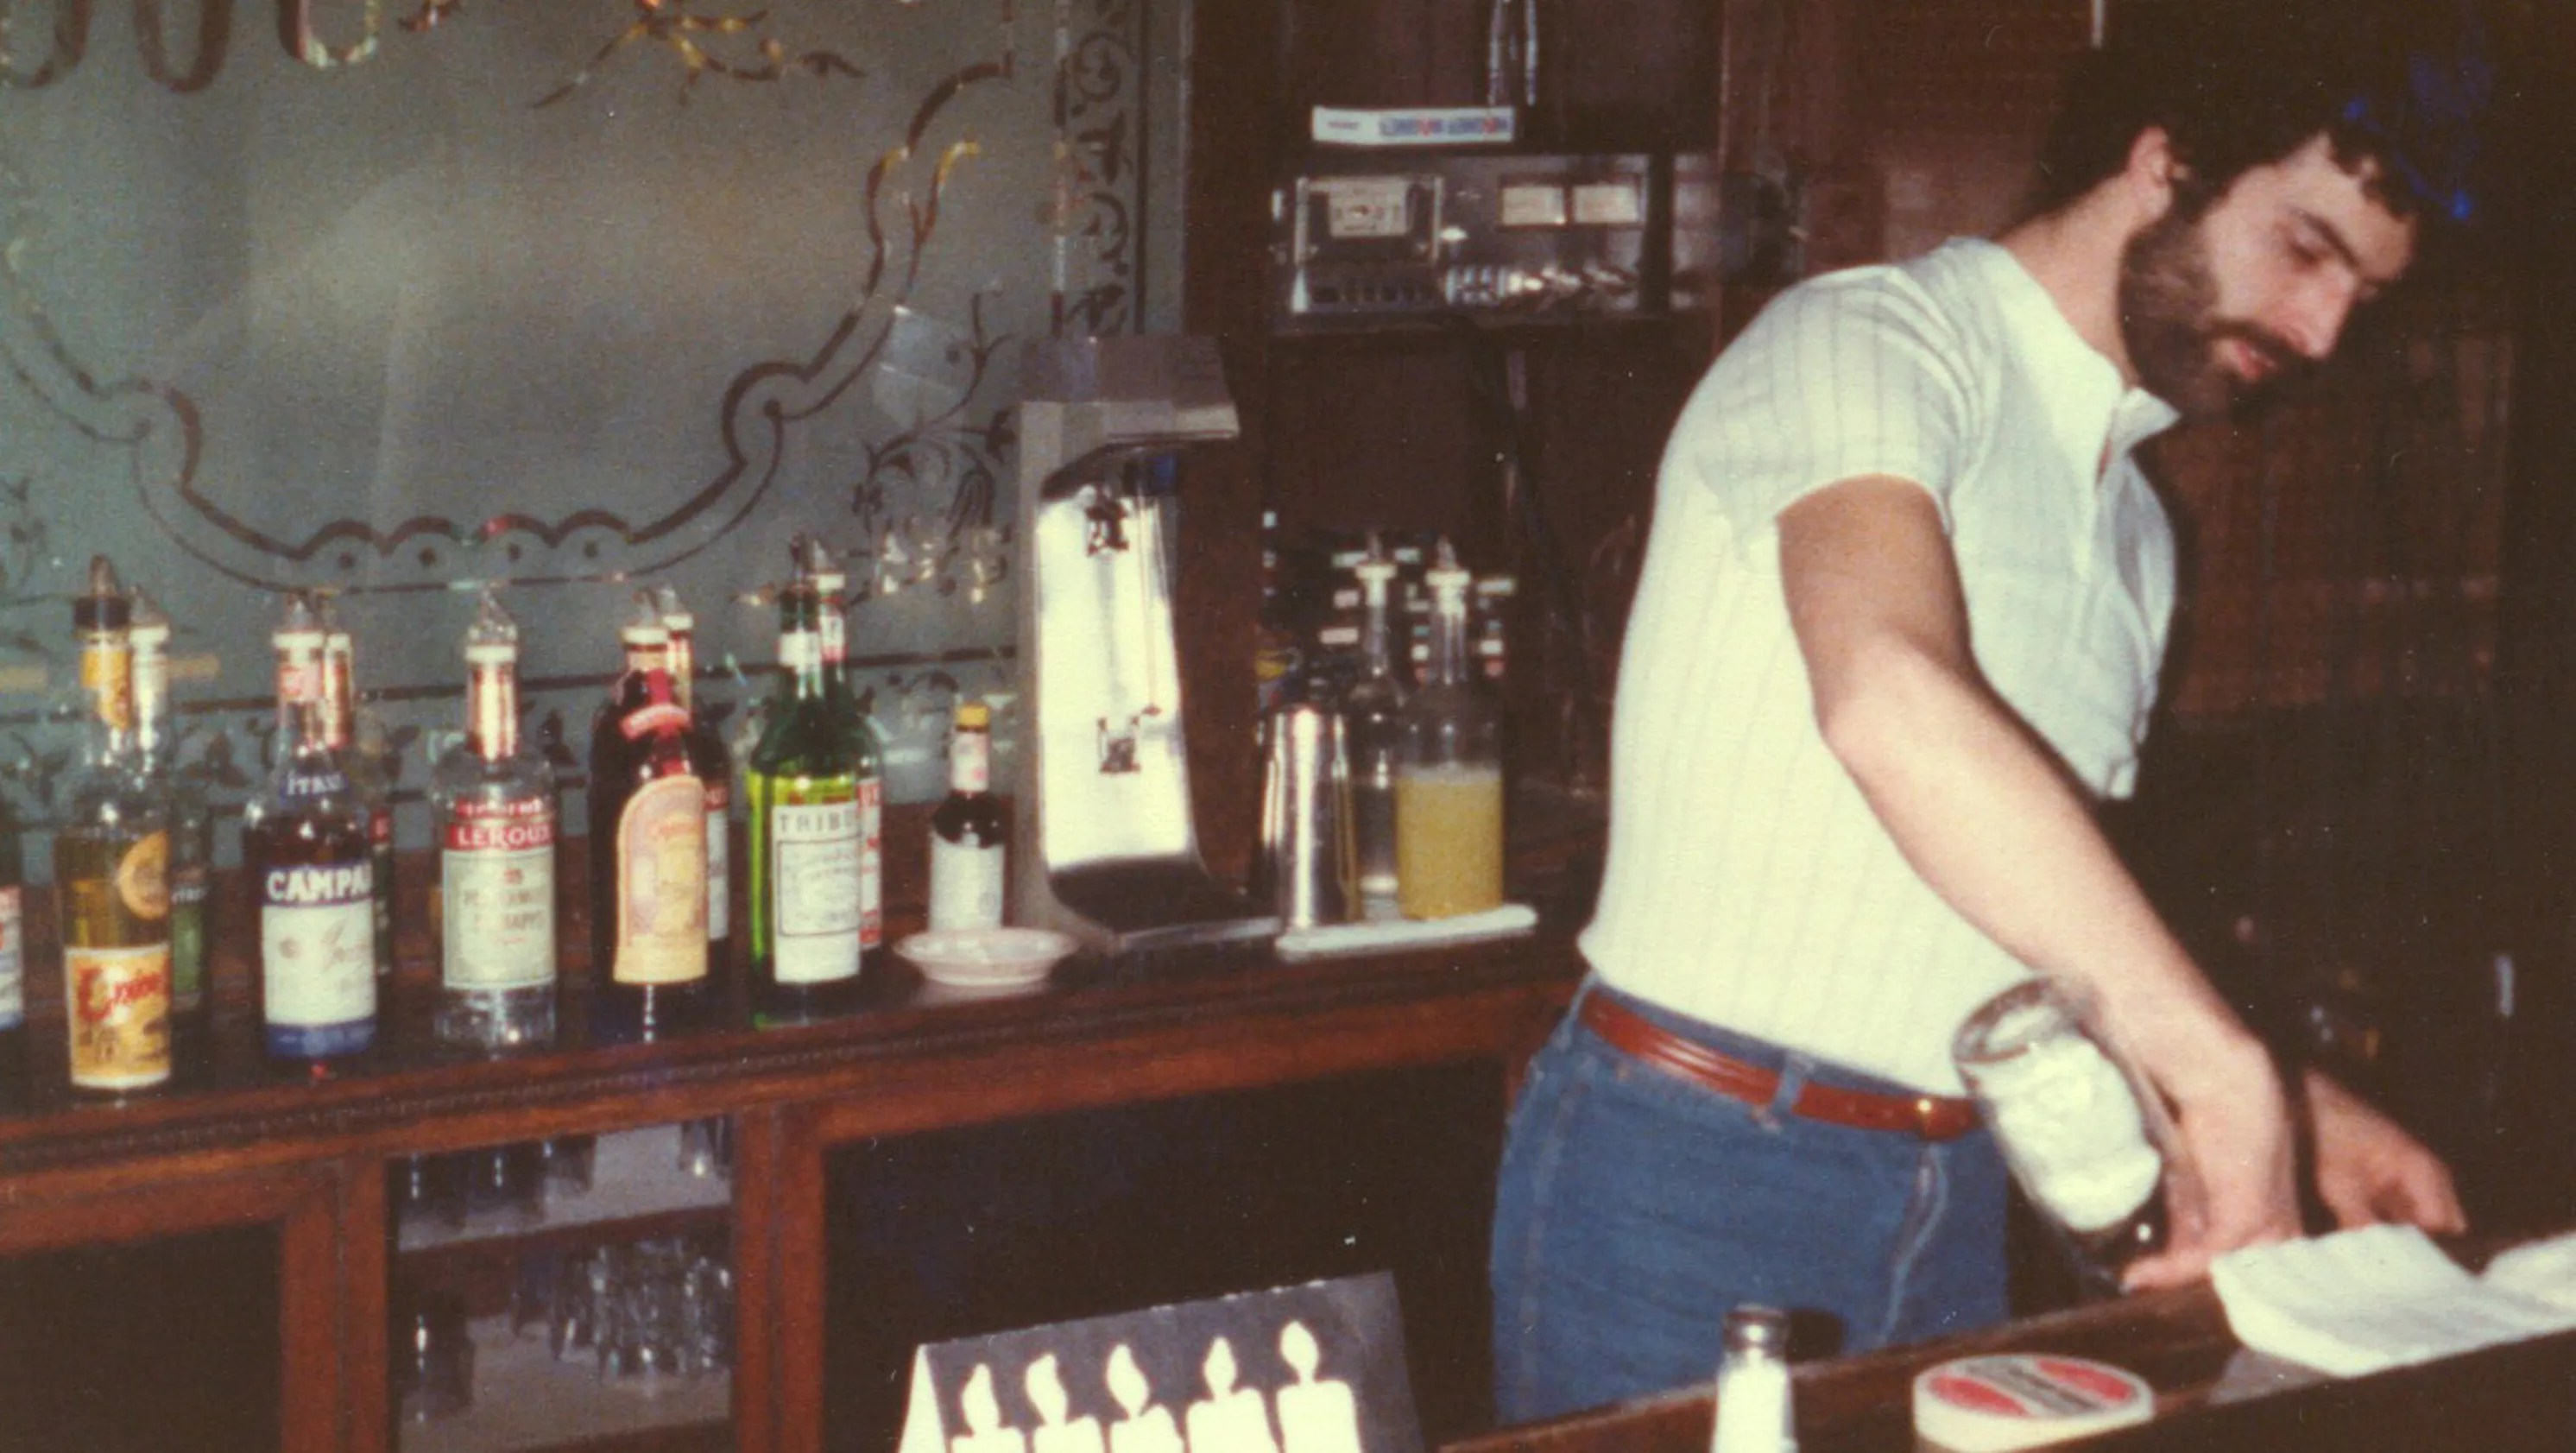 Gay bars of Indianapolis